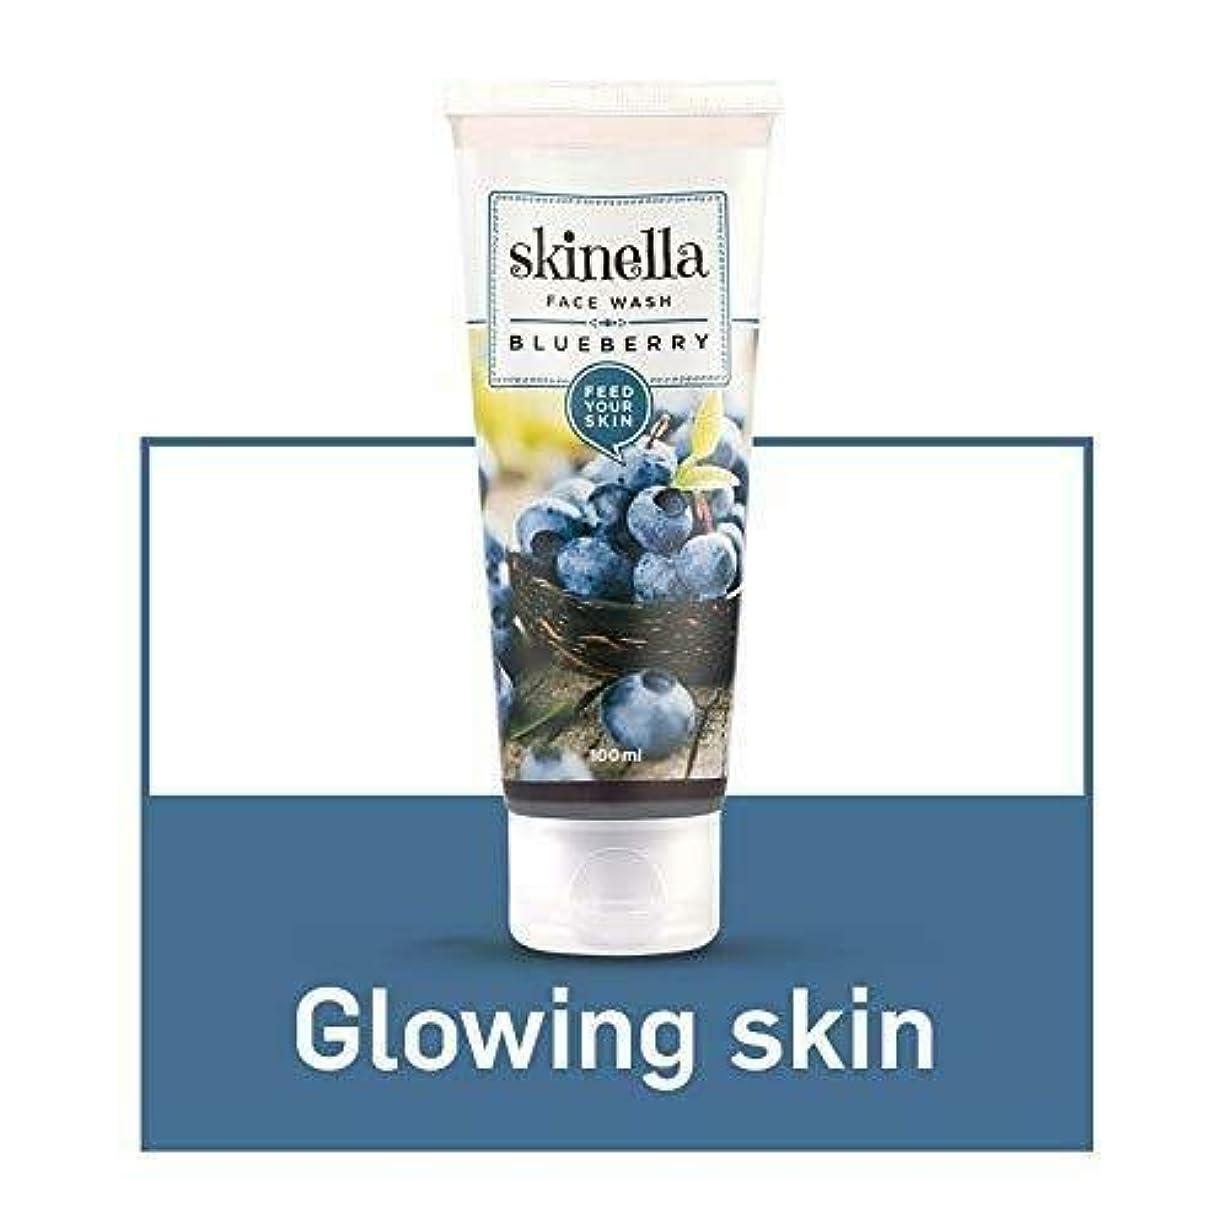 相談する自動車事故Skinella Blueberry Face Wash 100ml blueberry extracts & olive oil Cleanses Skin Skinellaブルーベリーフェイスウォッシュ ブルーベリーエキス...